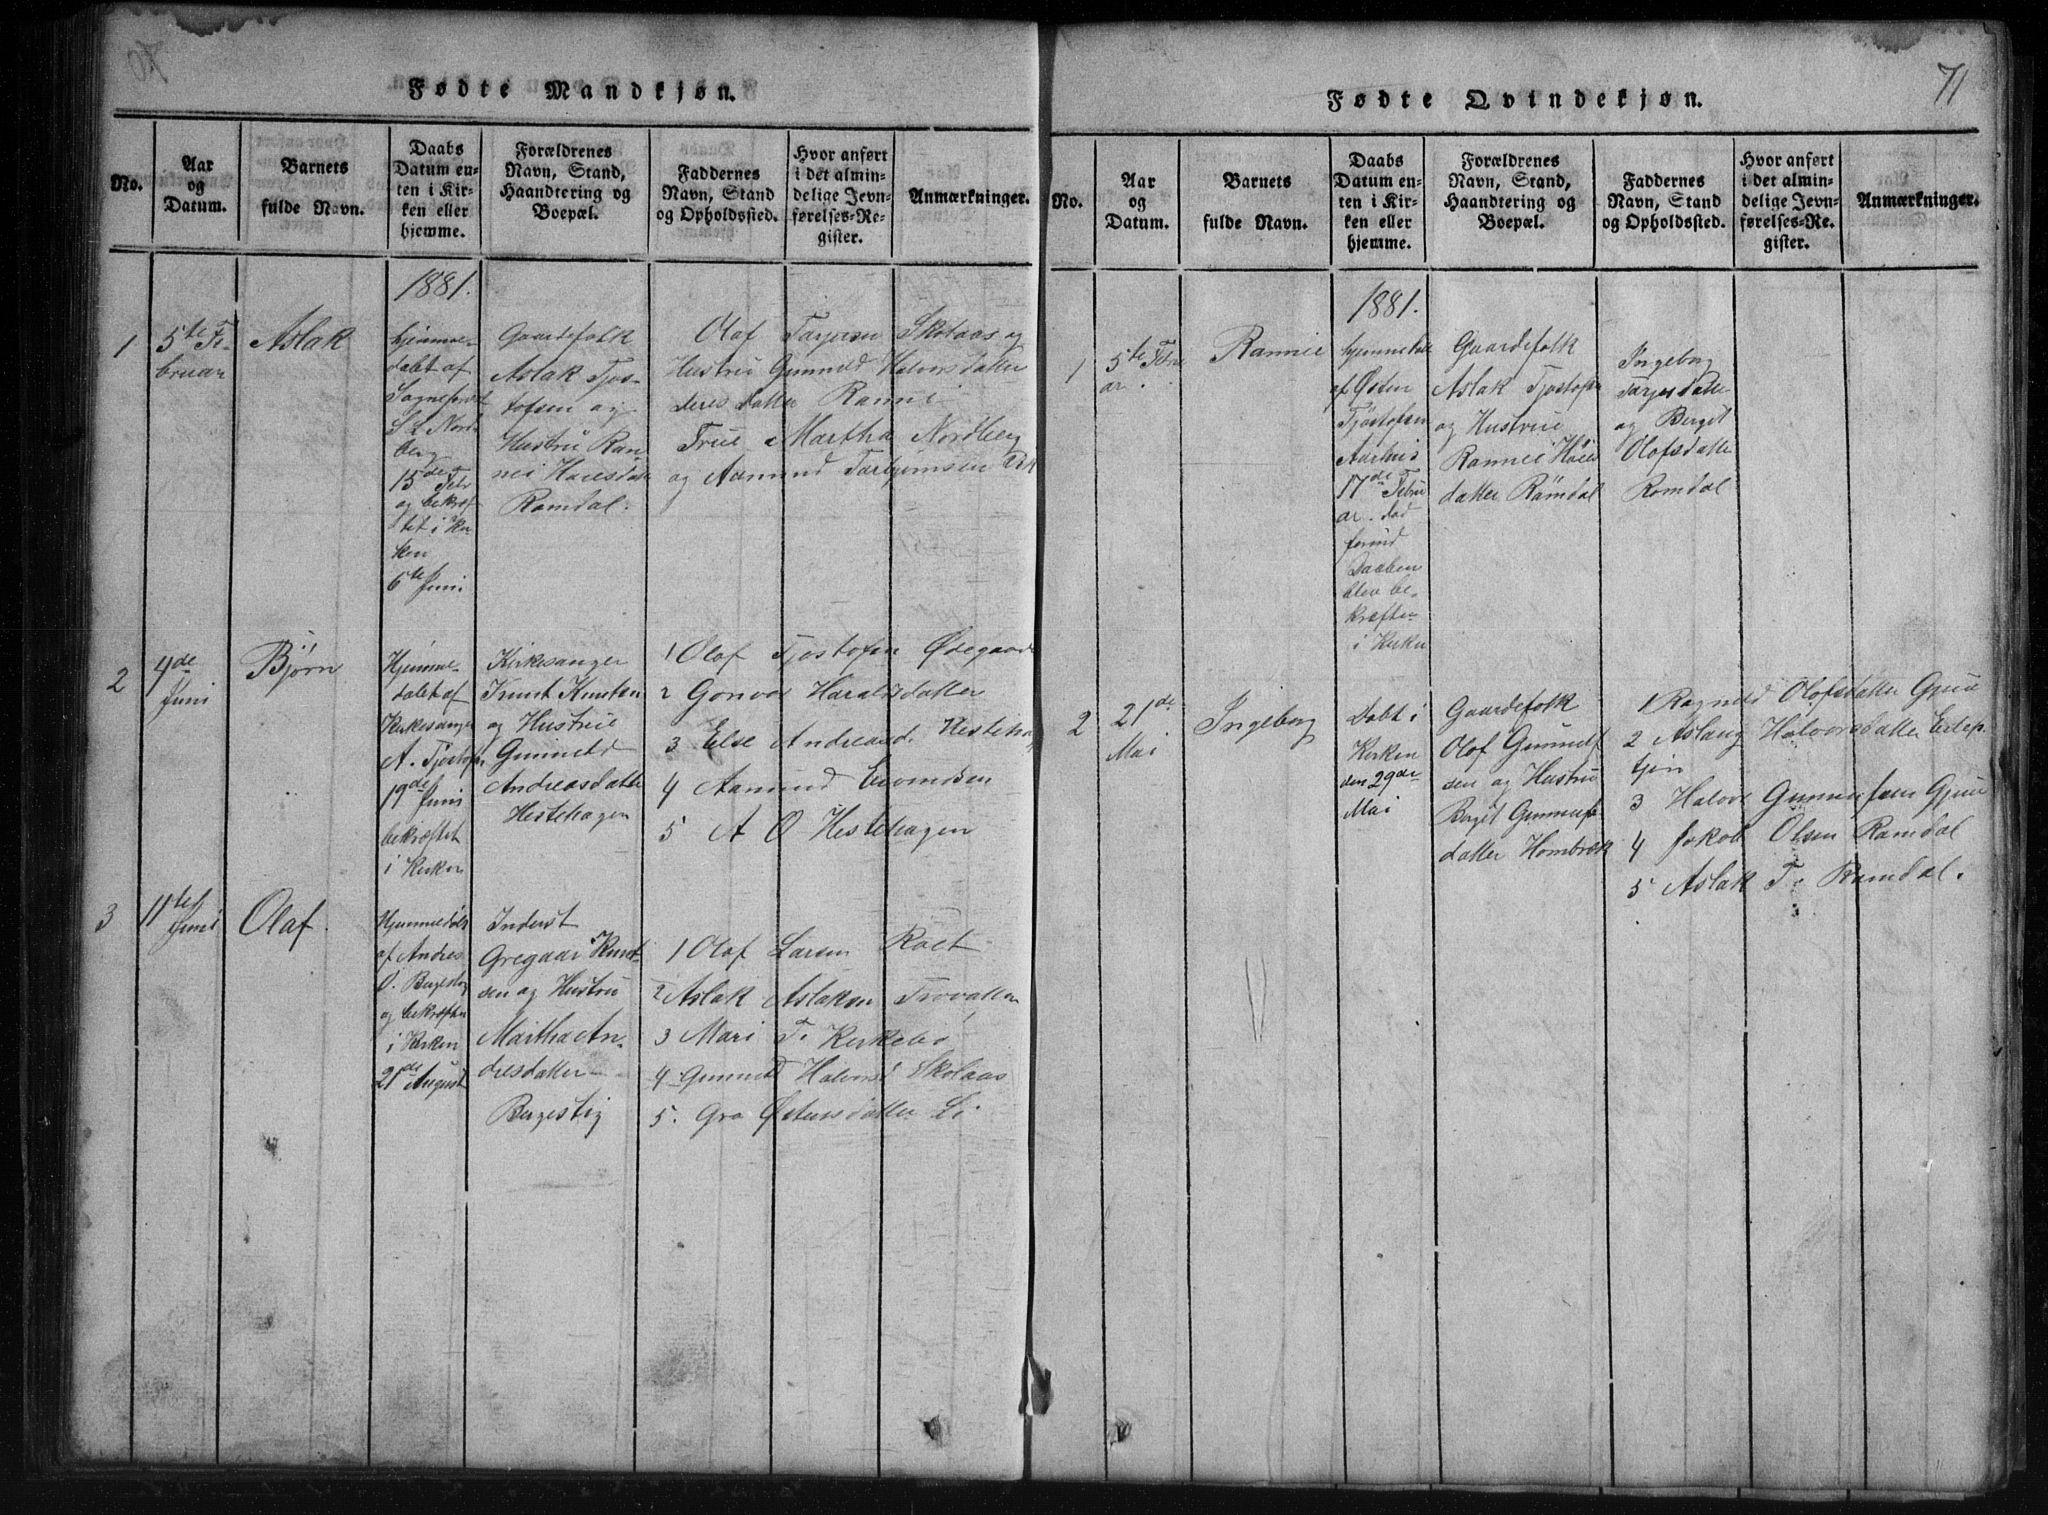 SAKO, Rauland kirkebøker, G/Gb/L0001: Klokkerbok nr. II 1, 1815-1886, s. 71